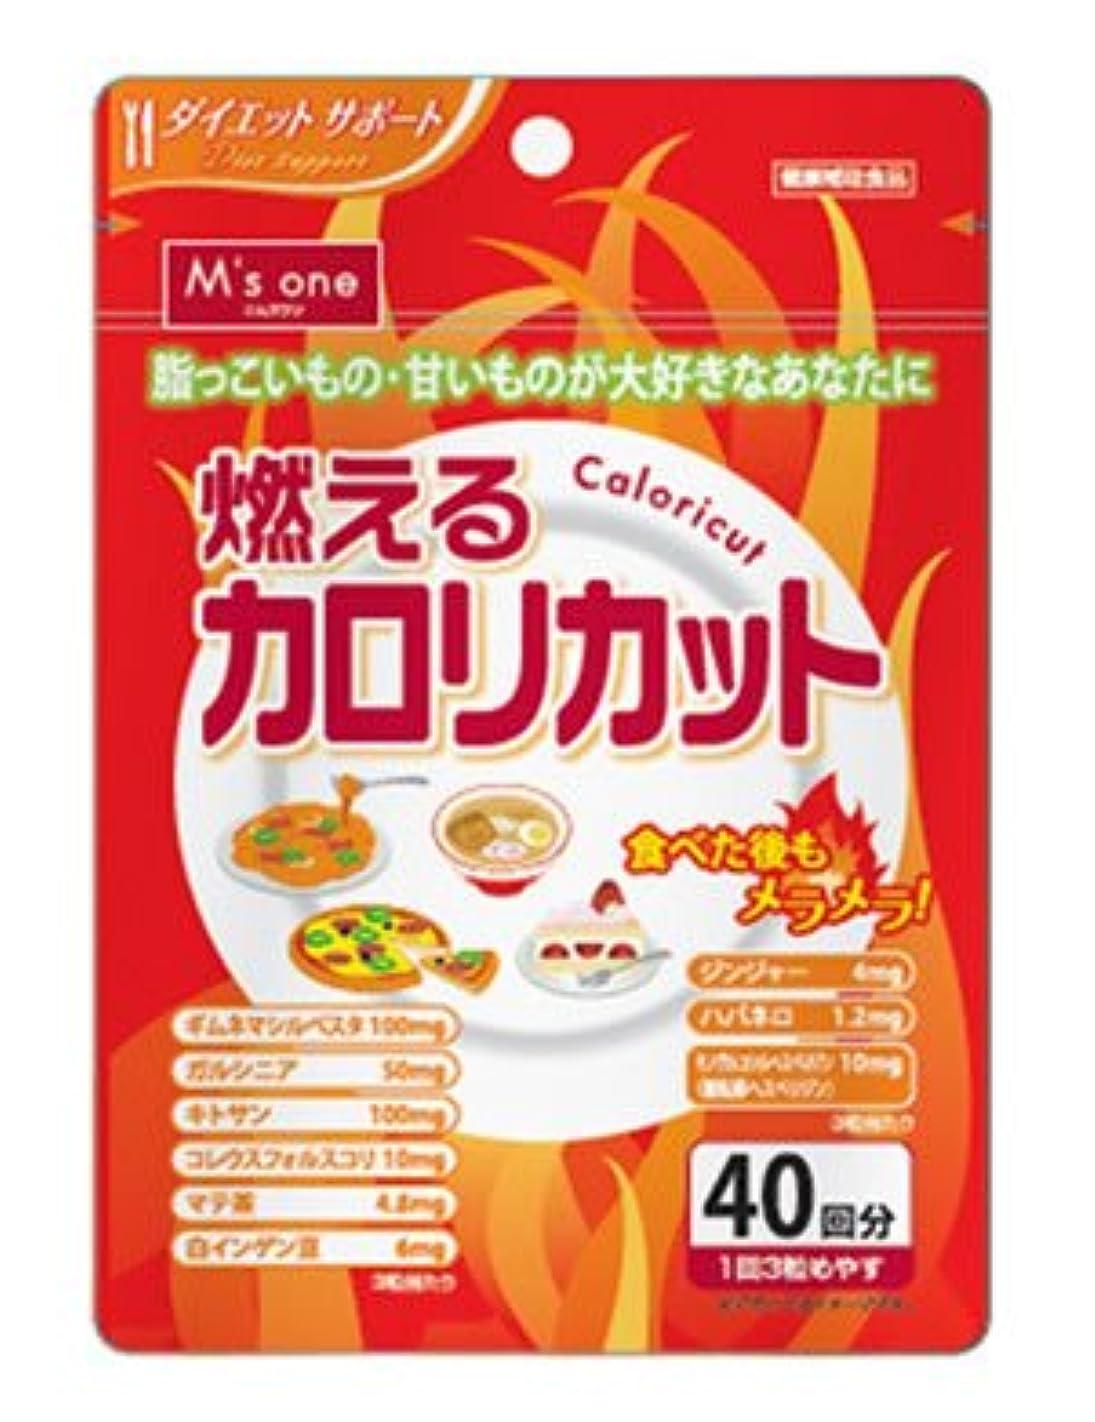 ブランク配列未知のエムズワン 燃えるカロリカット ダイエットサポート サプリメント 健康補助食品 (40回分)